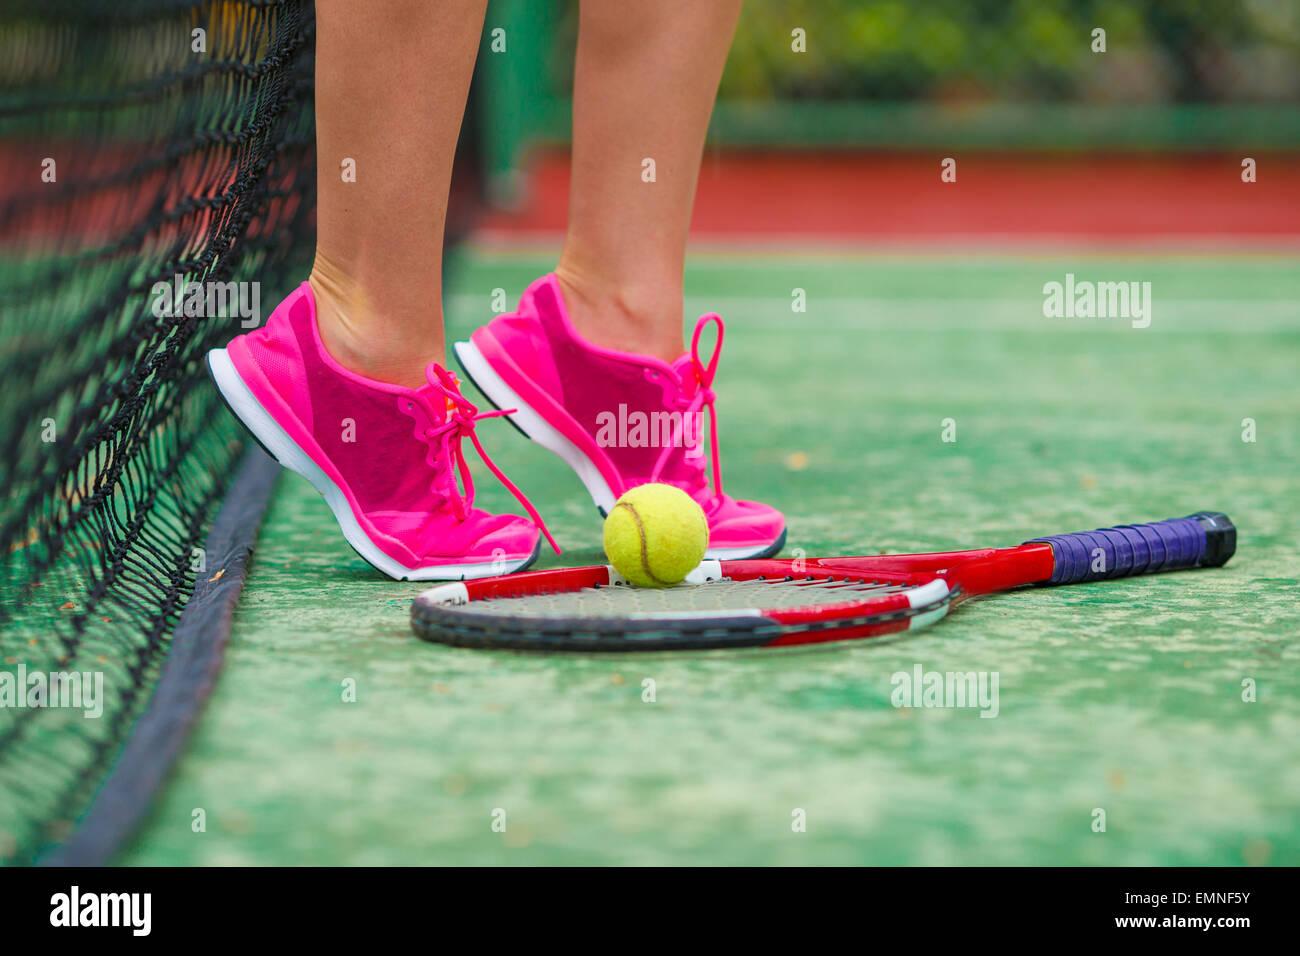 Nahaufnahme von Turnschuhen in der Nähe Tennisschläger und ball Stockbild